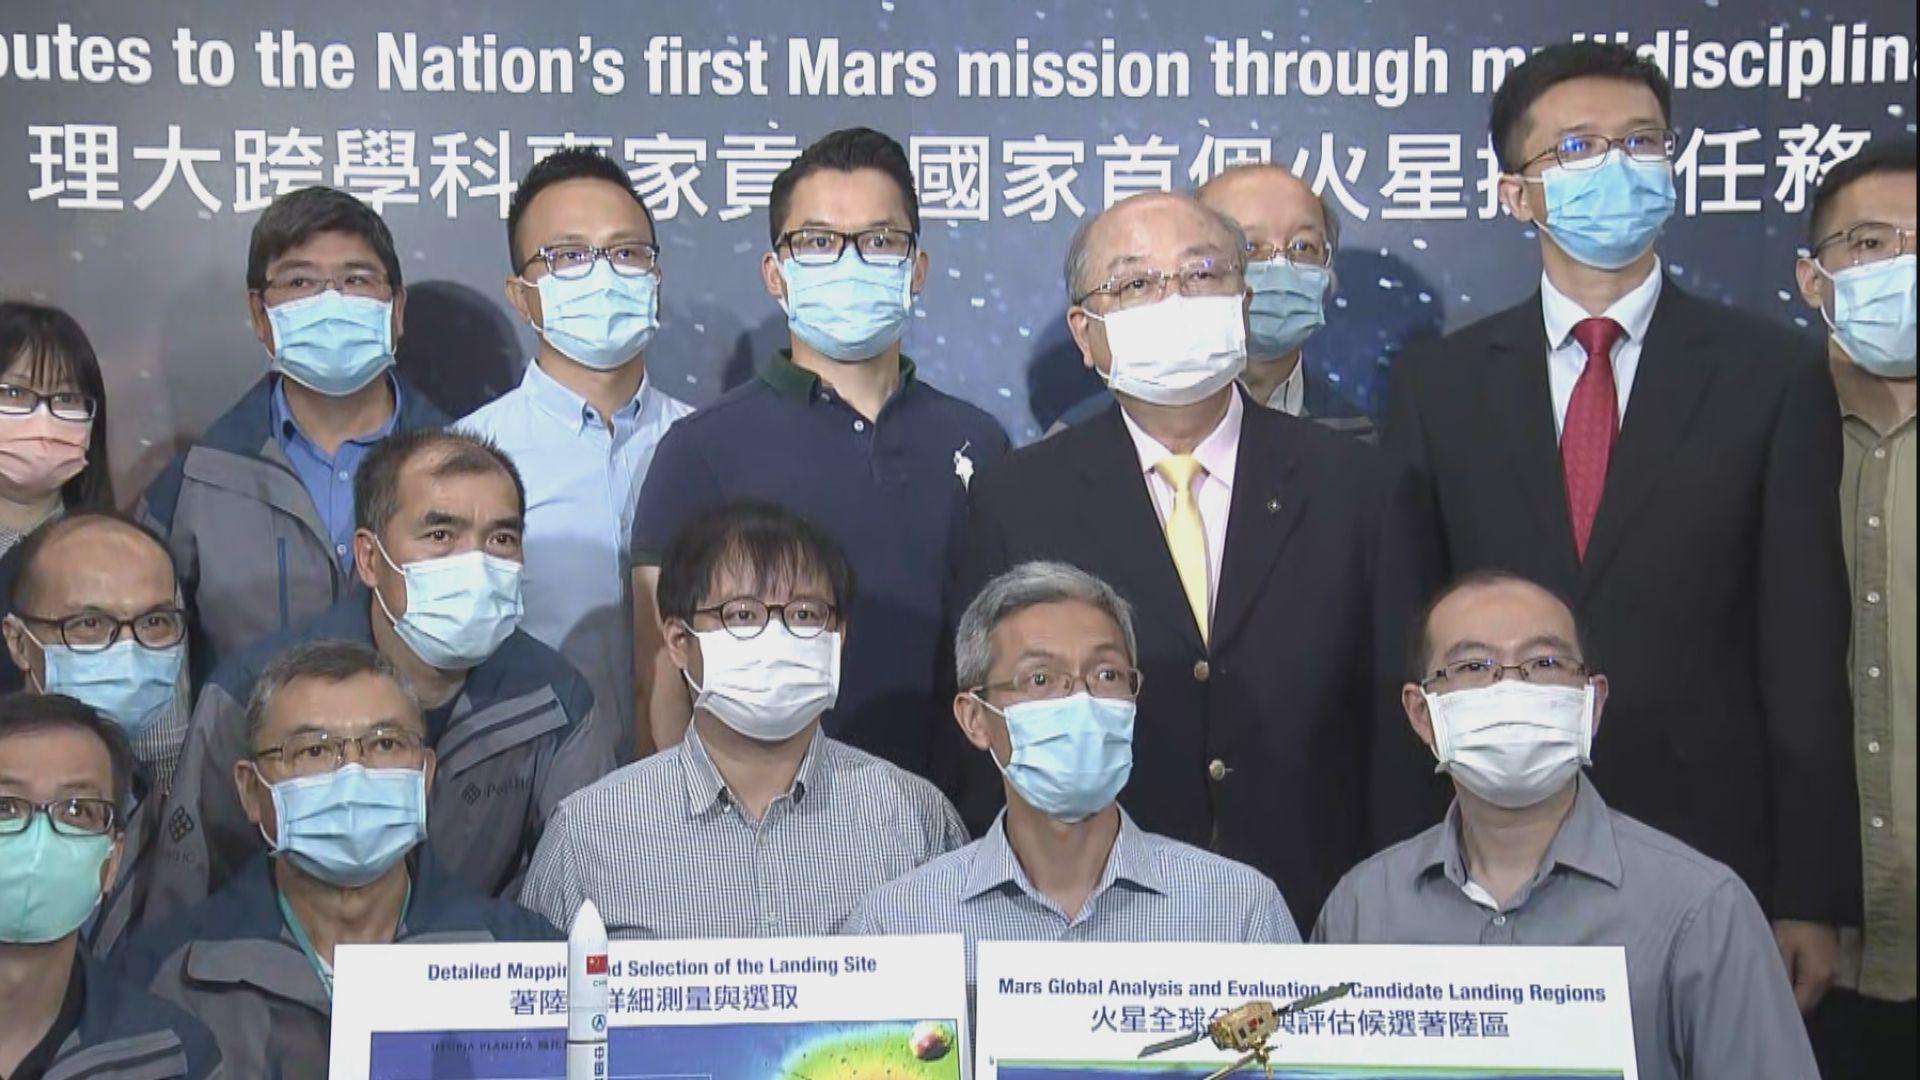 理大團隊協助天問一號探測器著陸火星 對貢獻感自豪